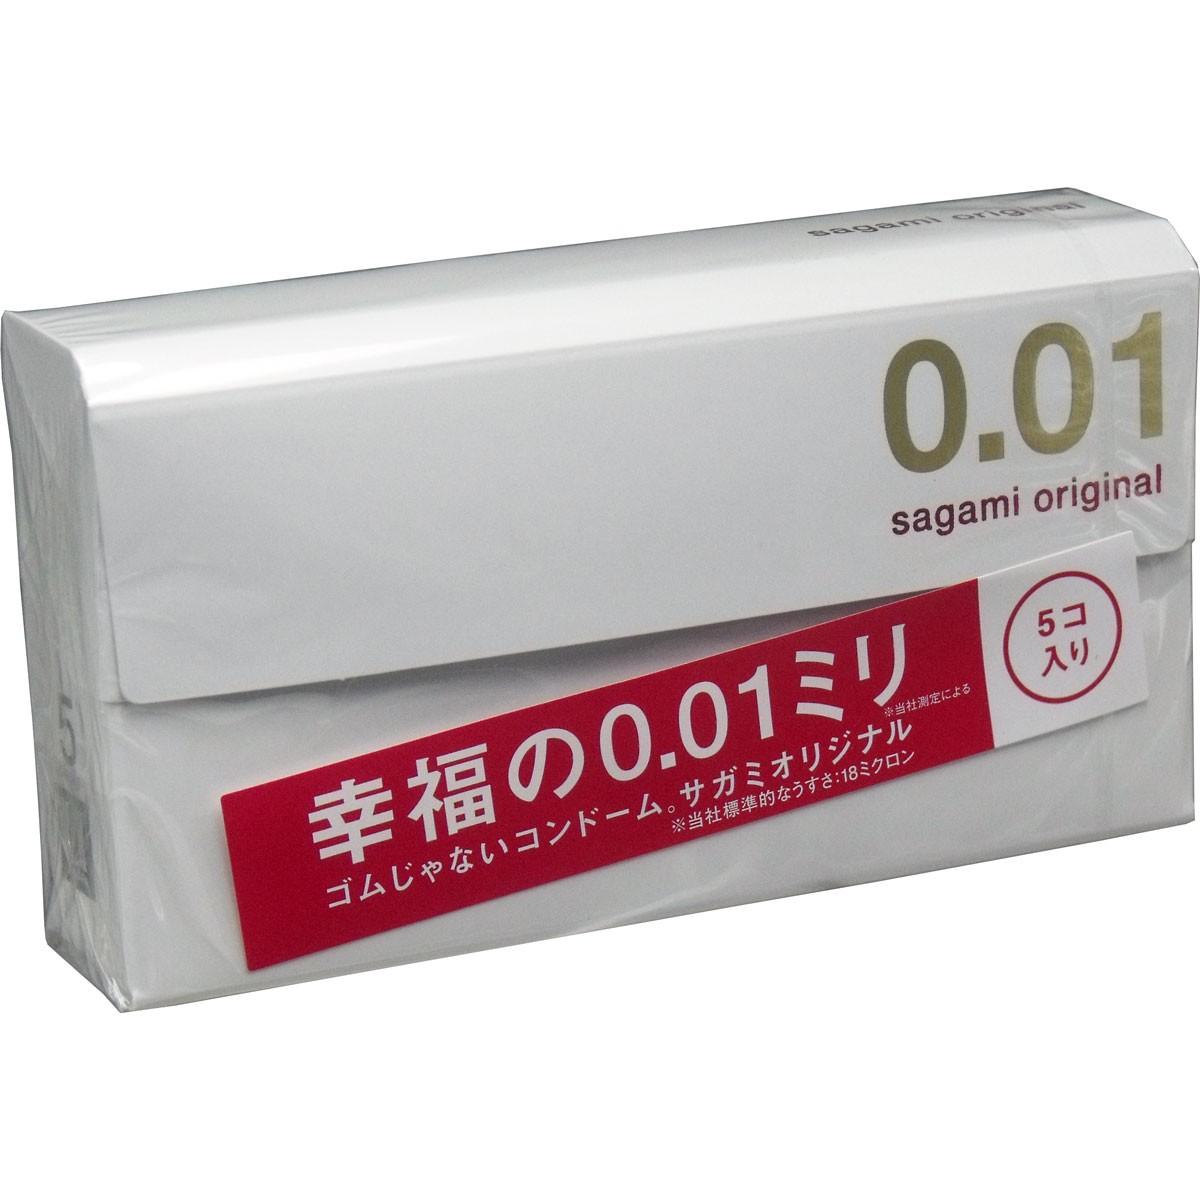 Bao cao su Sagami Original 0.01- Mỏng như không cho cảm giác như thật BCSTC1